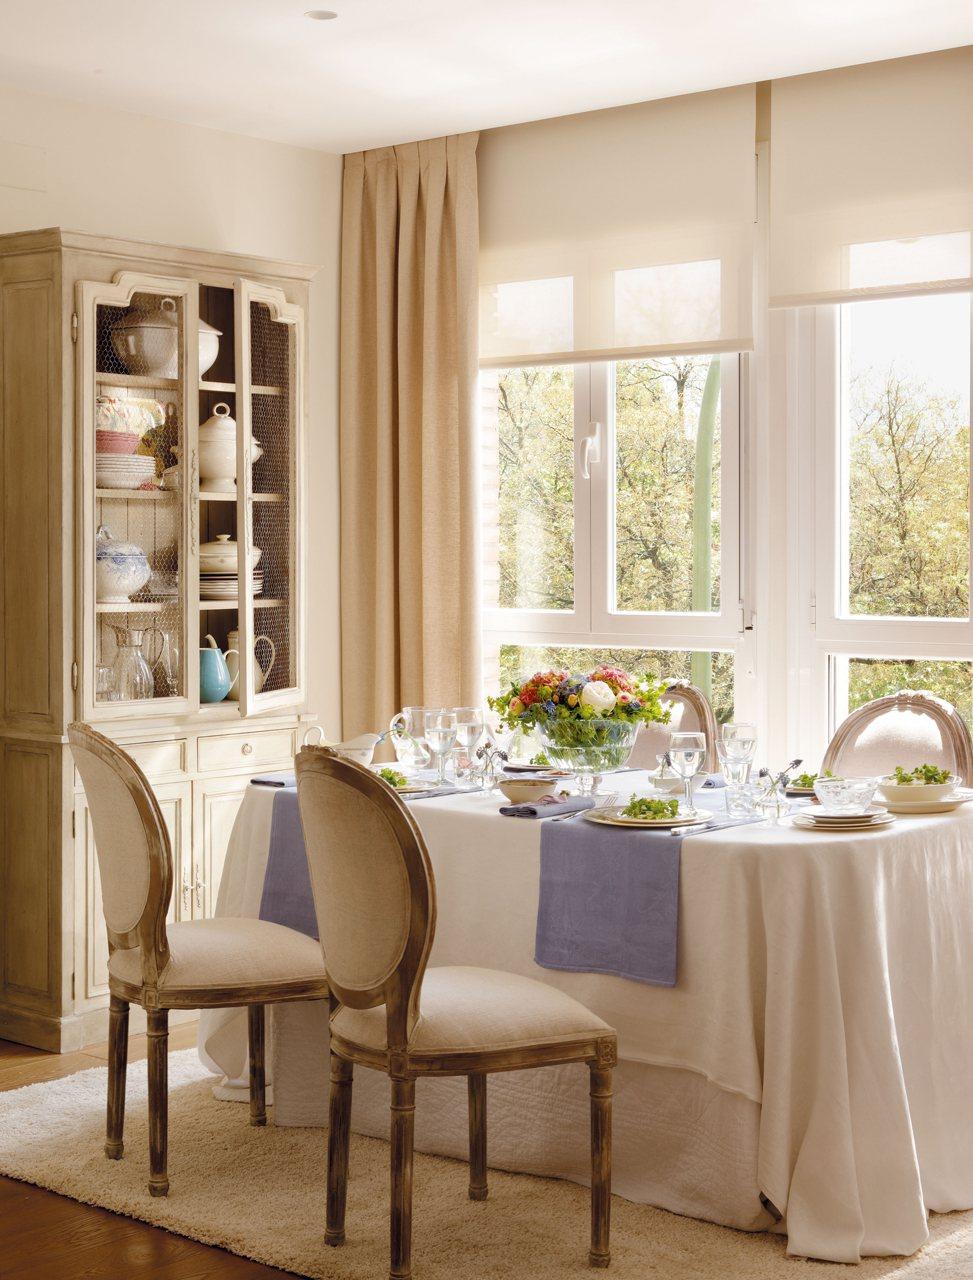 Consejos para decorar el comedor - Muebles para vajilla ...